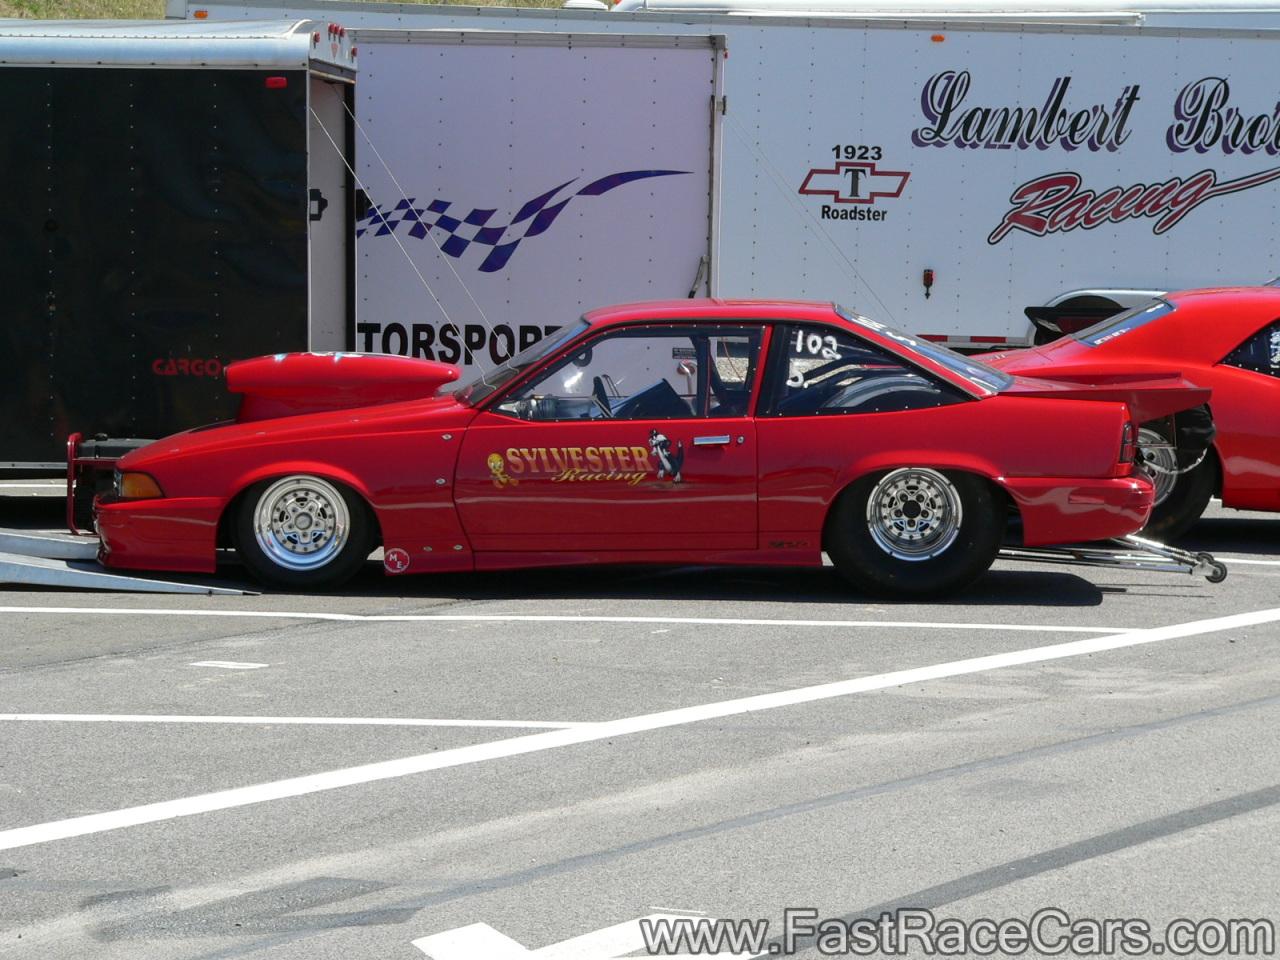 Cavalier Drag Race Car For Sale